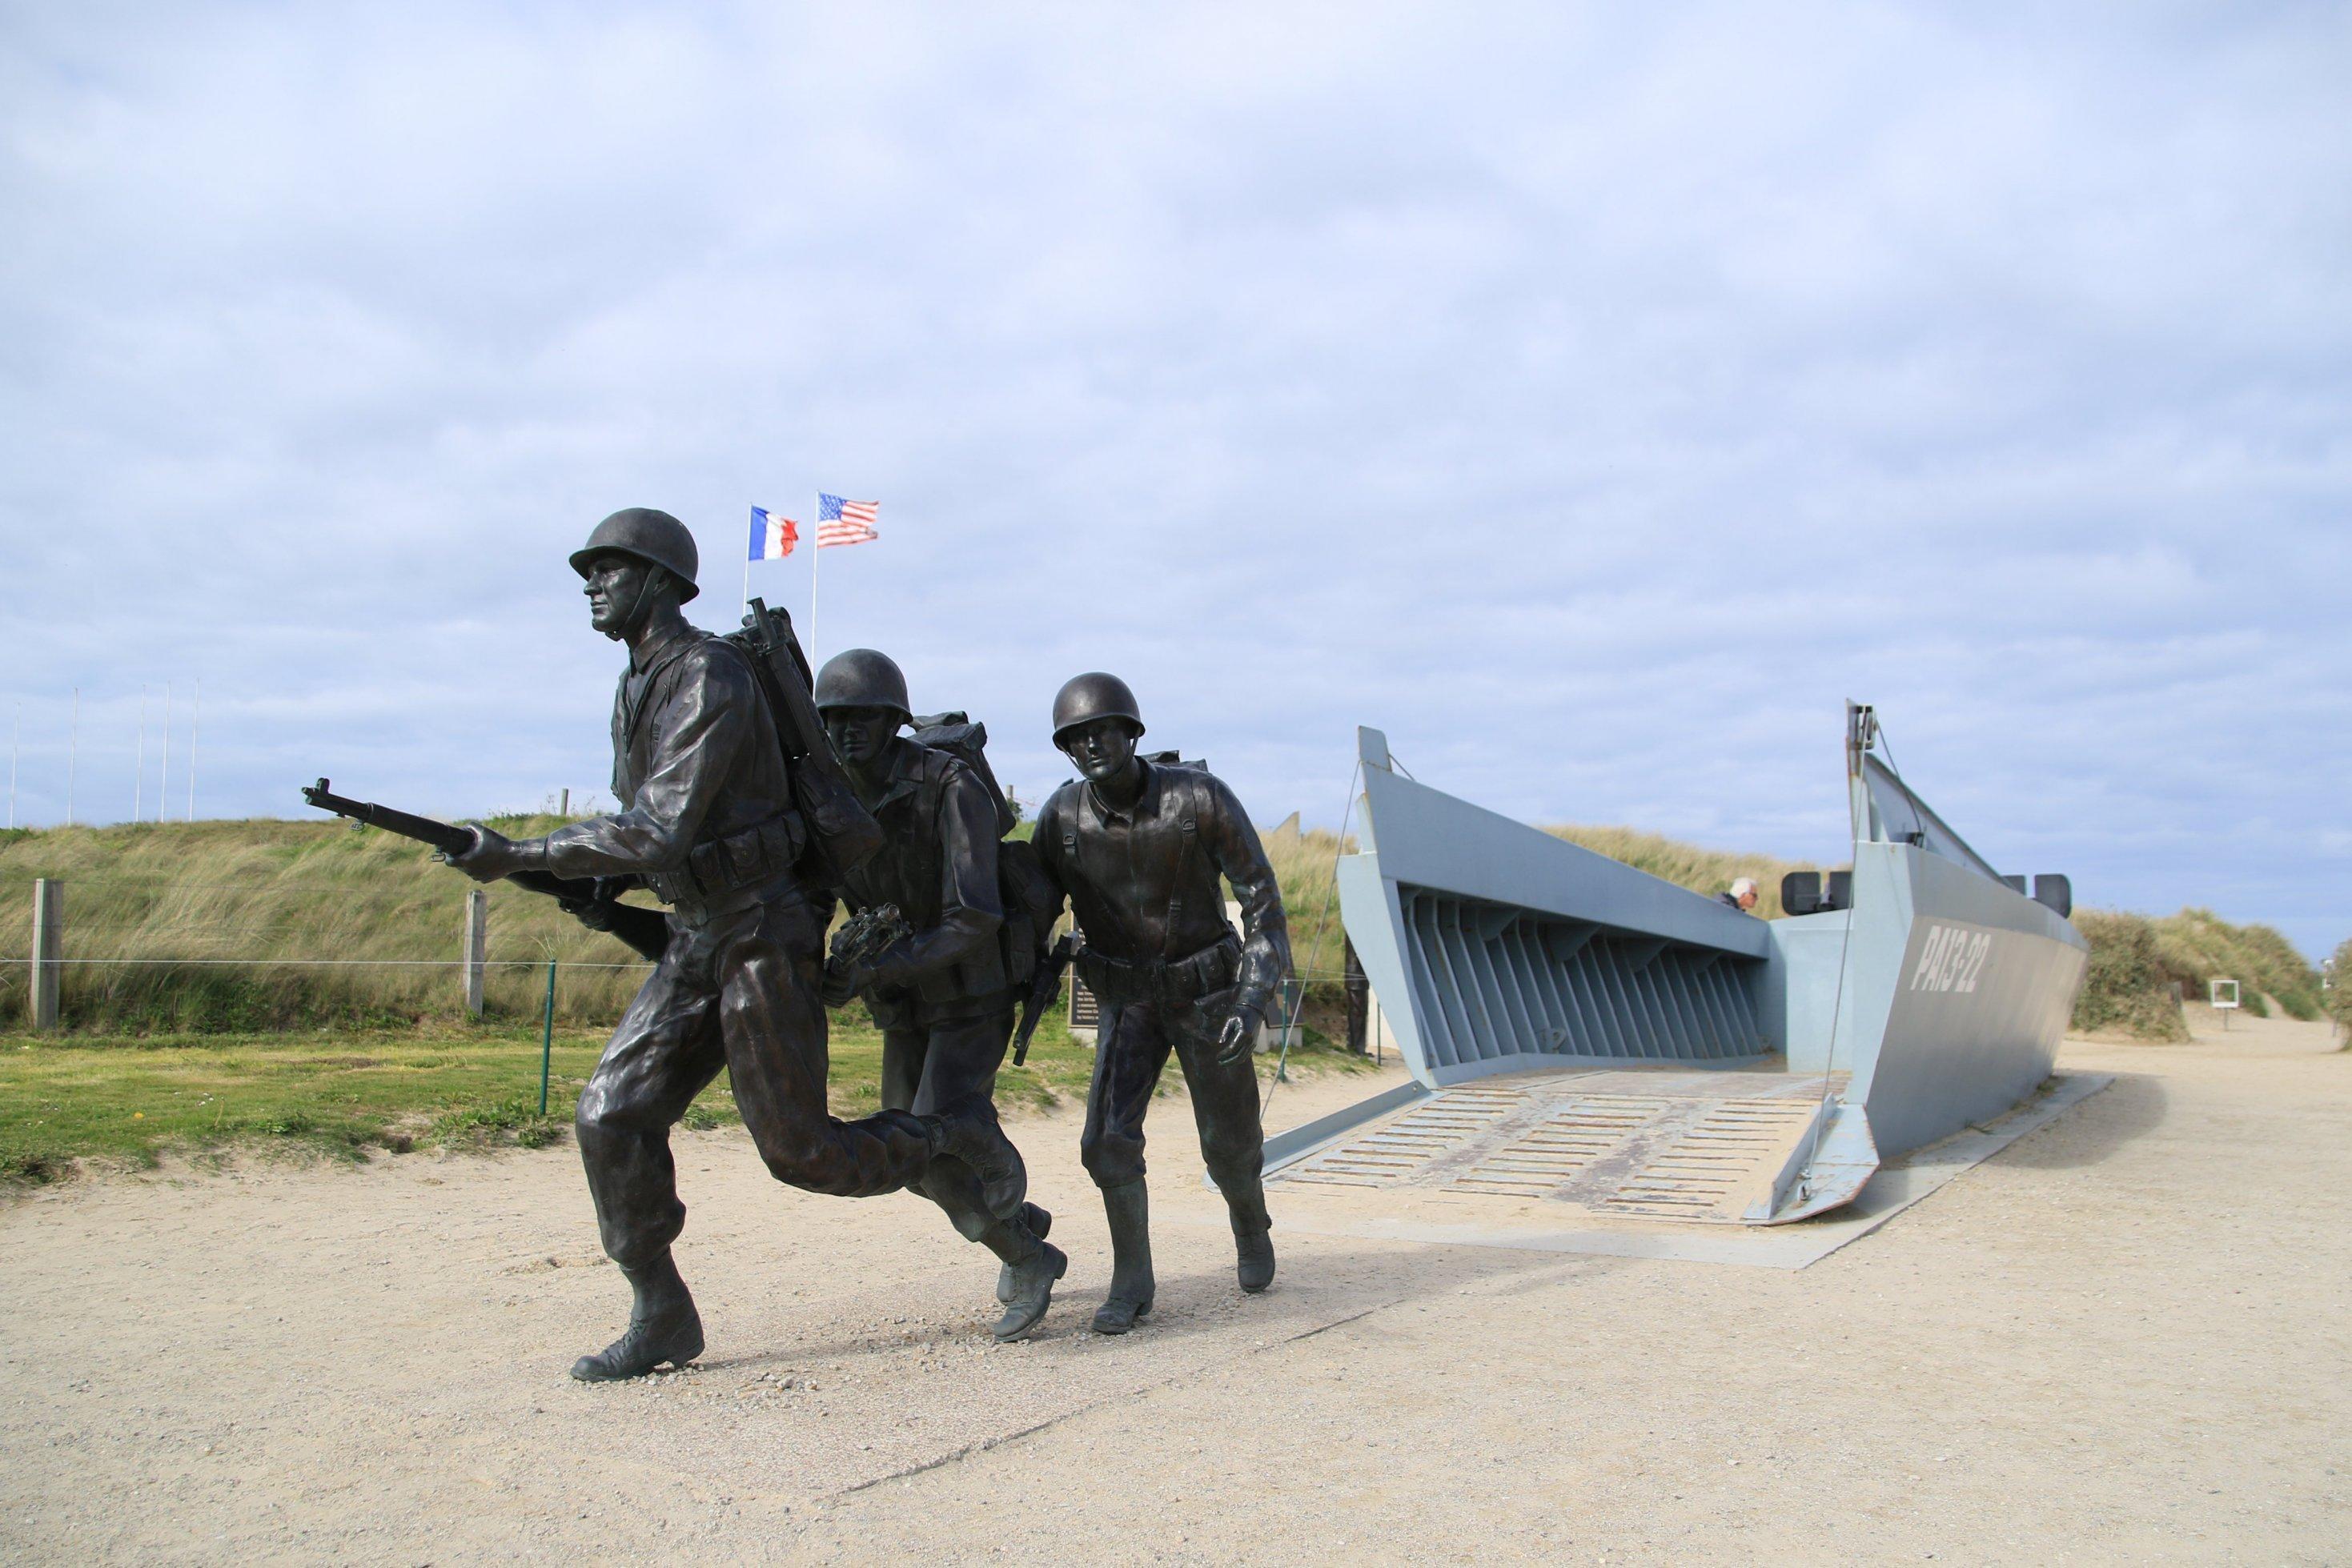 Eine Skulptur zeigt Soldaten, die aus einem Schiff springen.